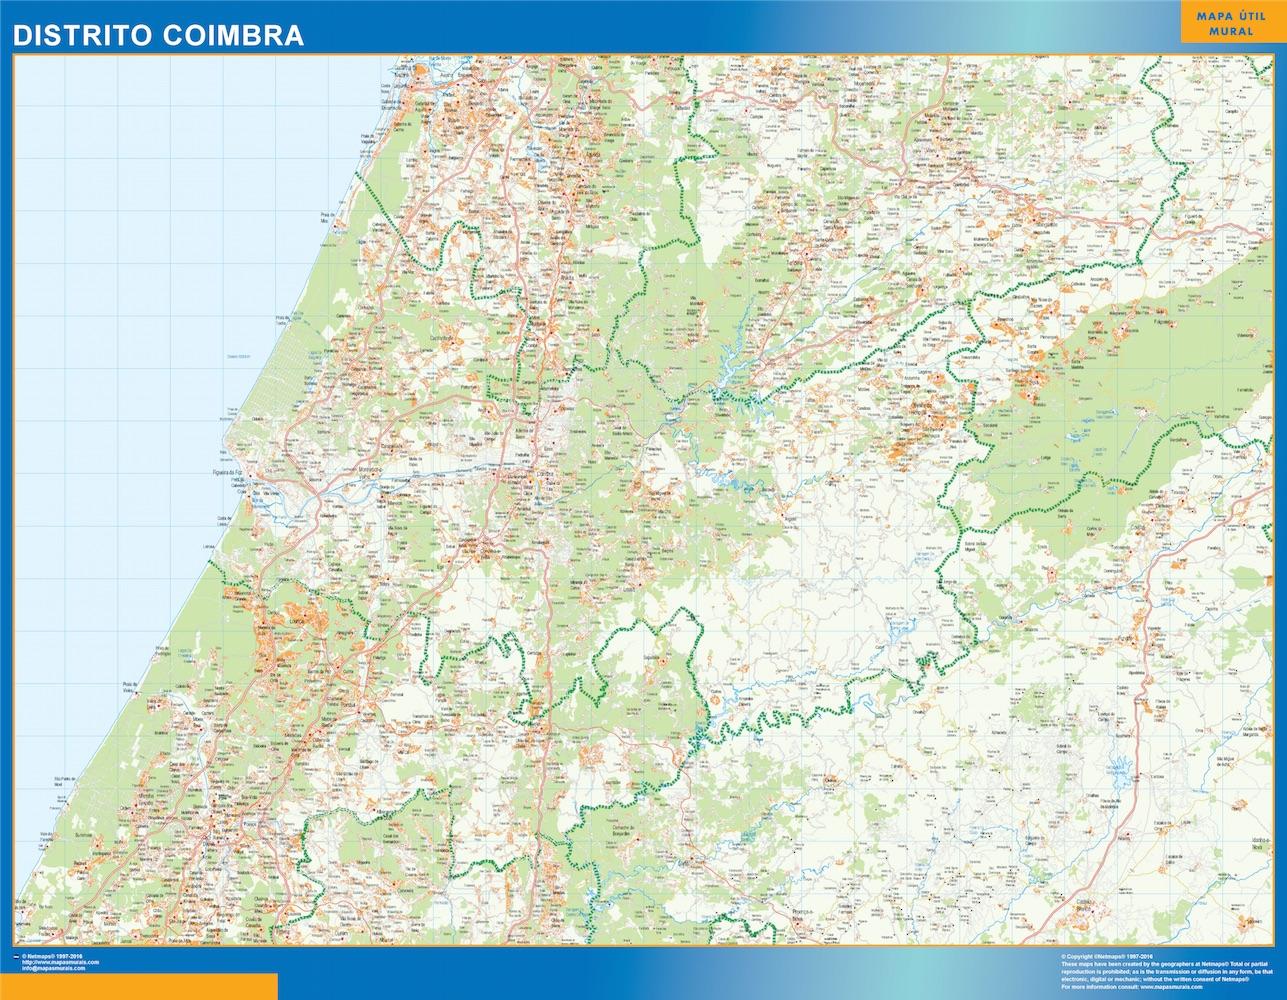 Mapa Distrito Coimbra